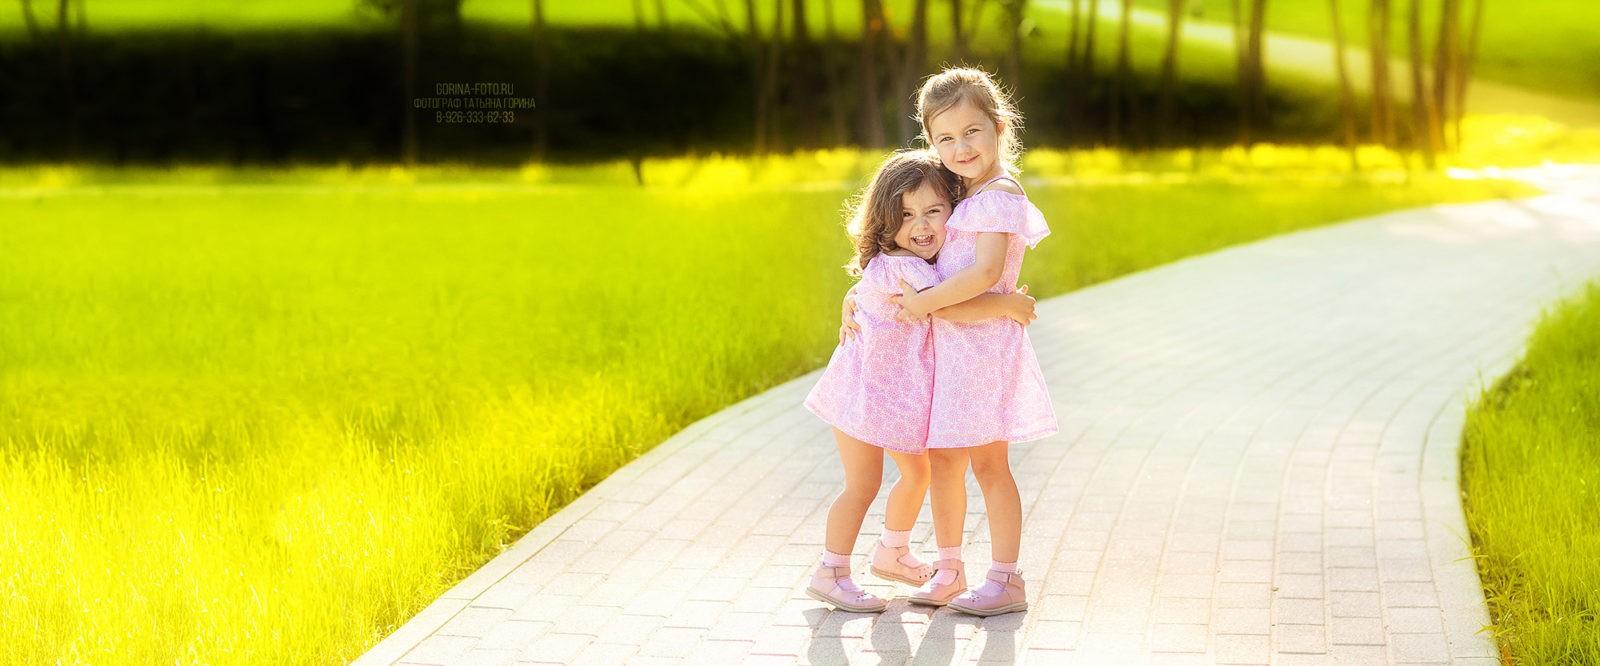 Детская фотосессия в Москве. Фотограф Татьяна Горина.